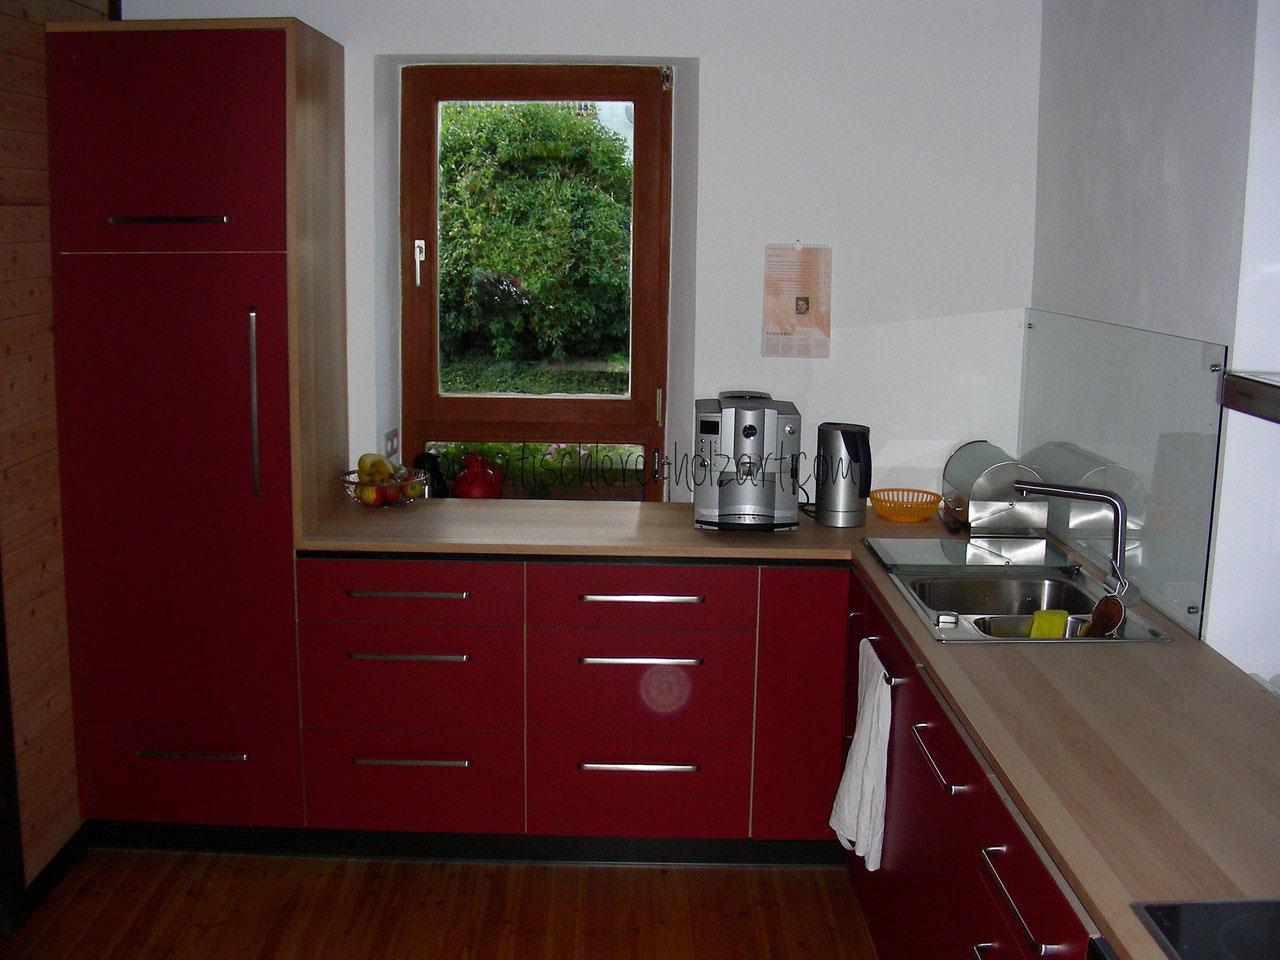 Tischler kuchen entspannt modernisieren in for Küchen kaiserslautern